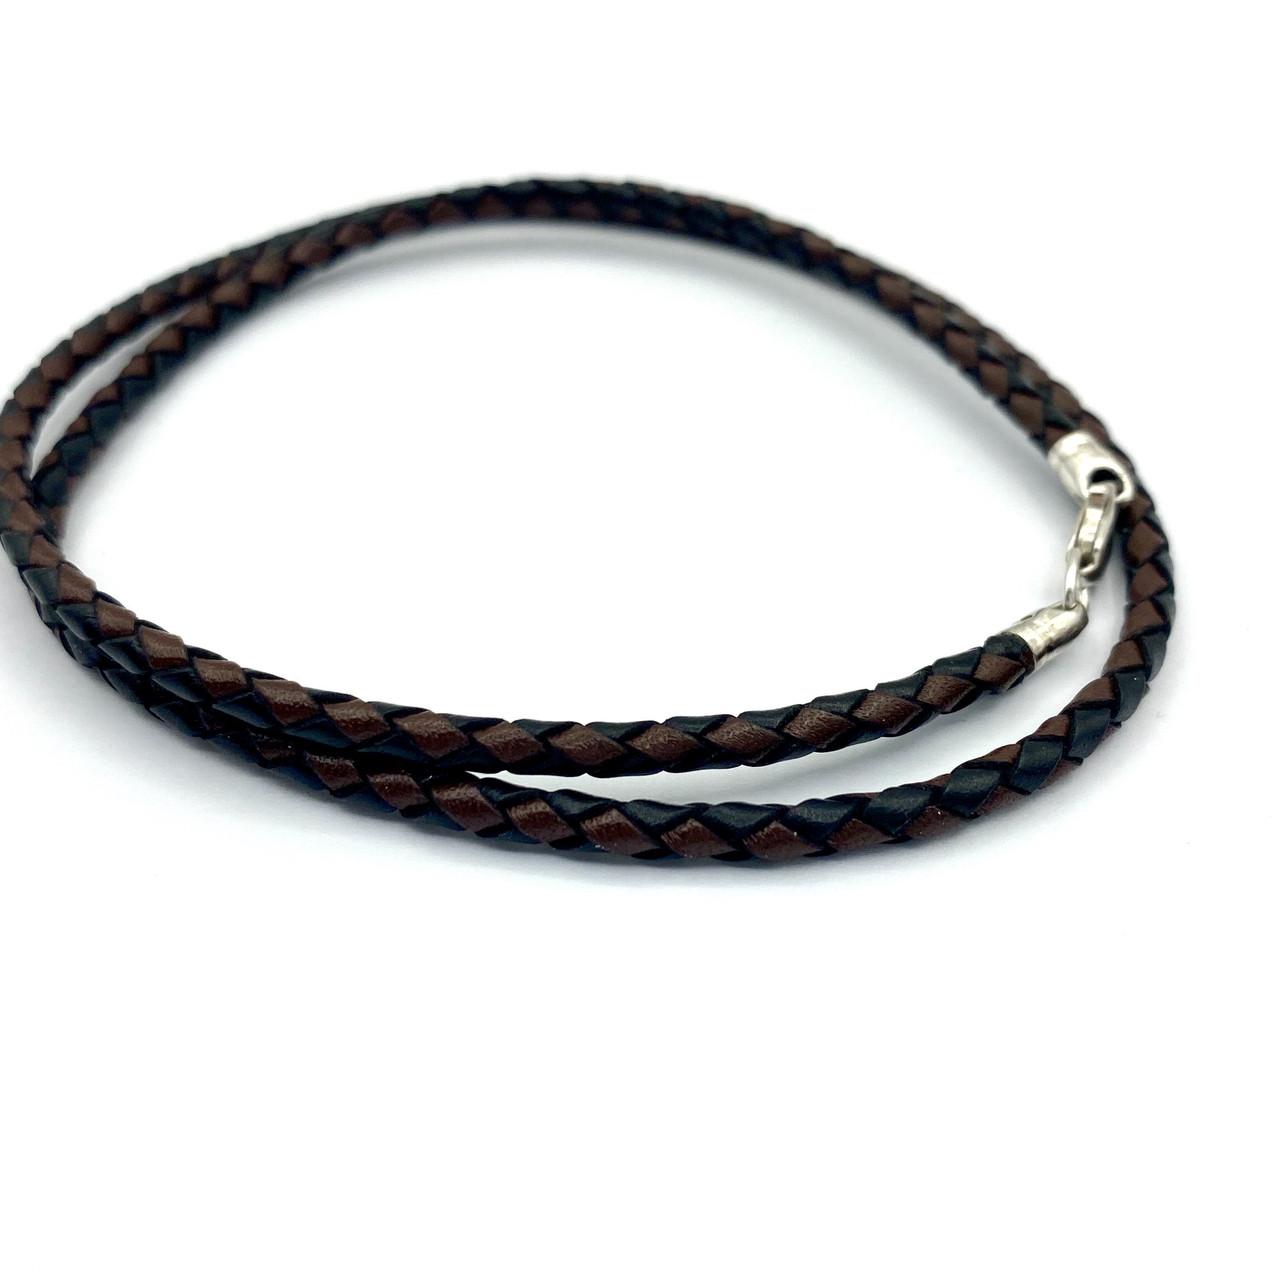 Шнурок черно-коричневый из  высококачественной плетеной кожи с серебряным замком